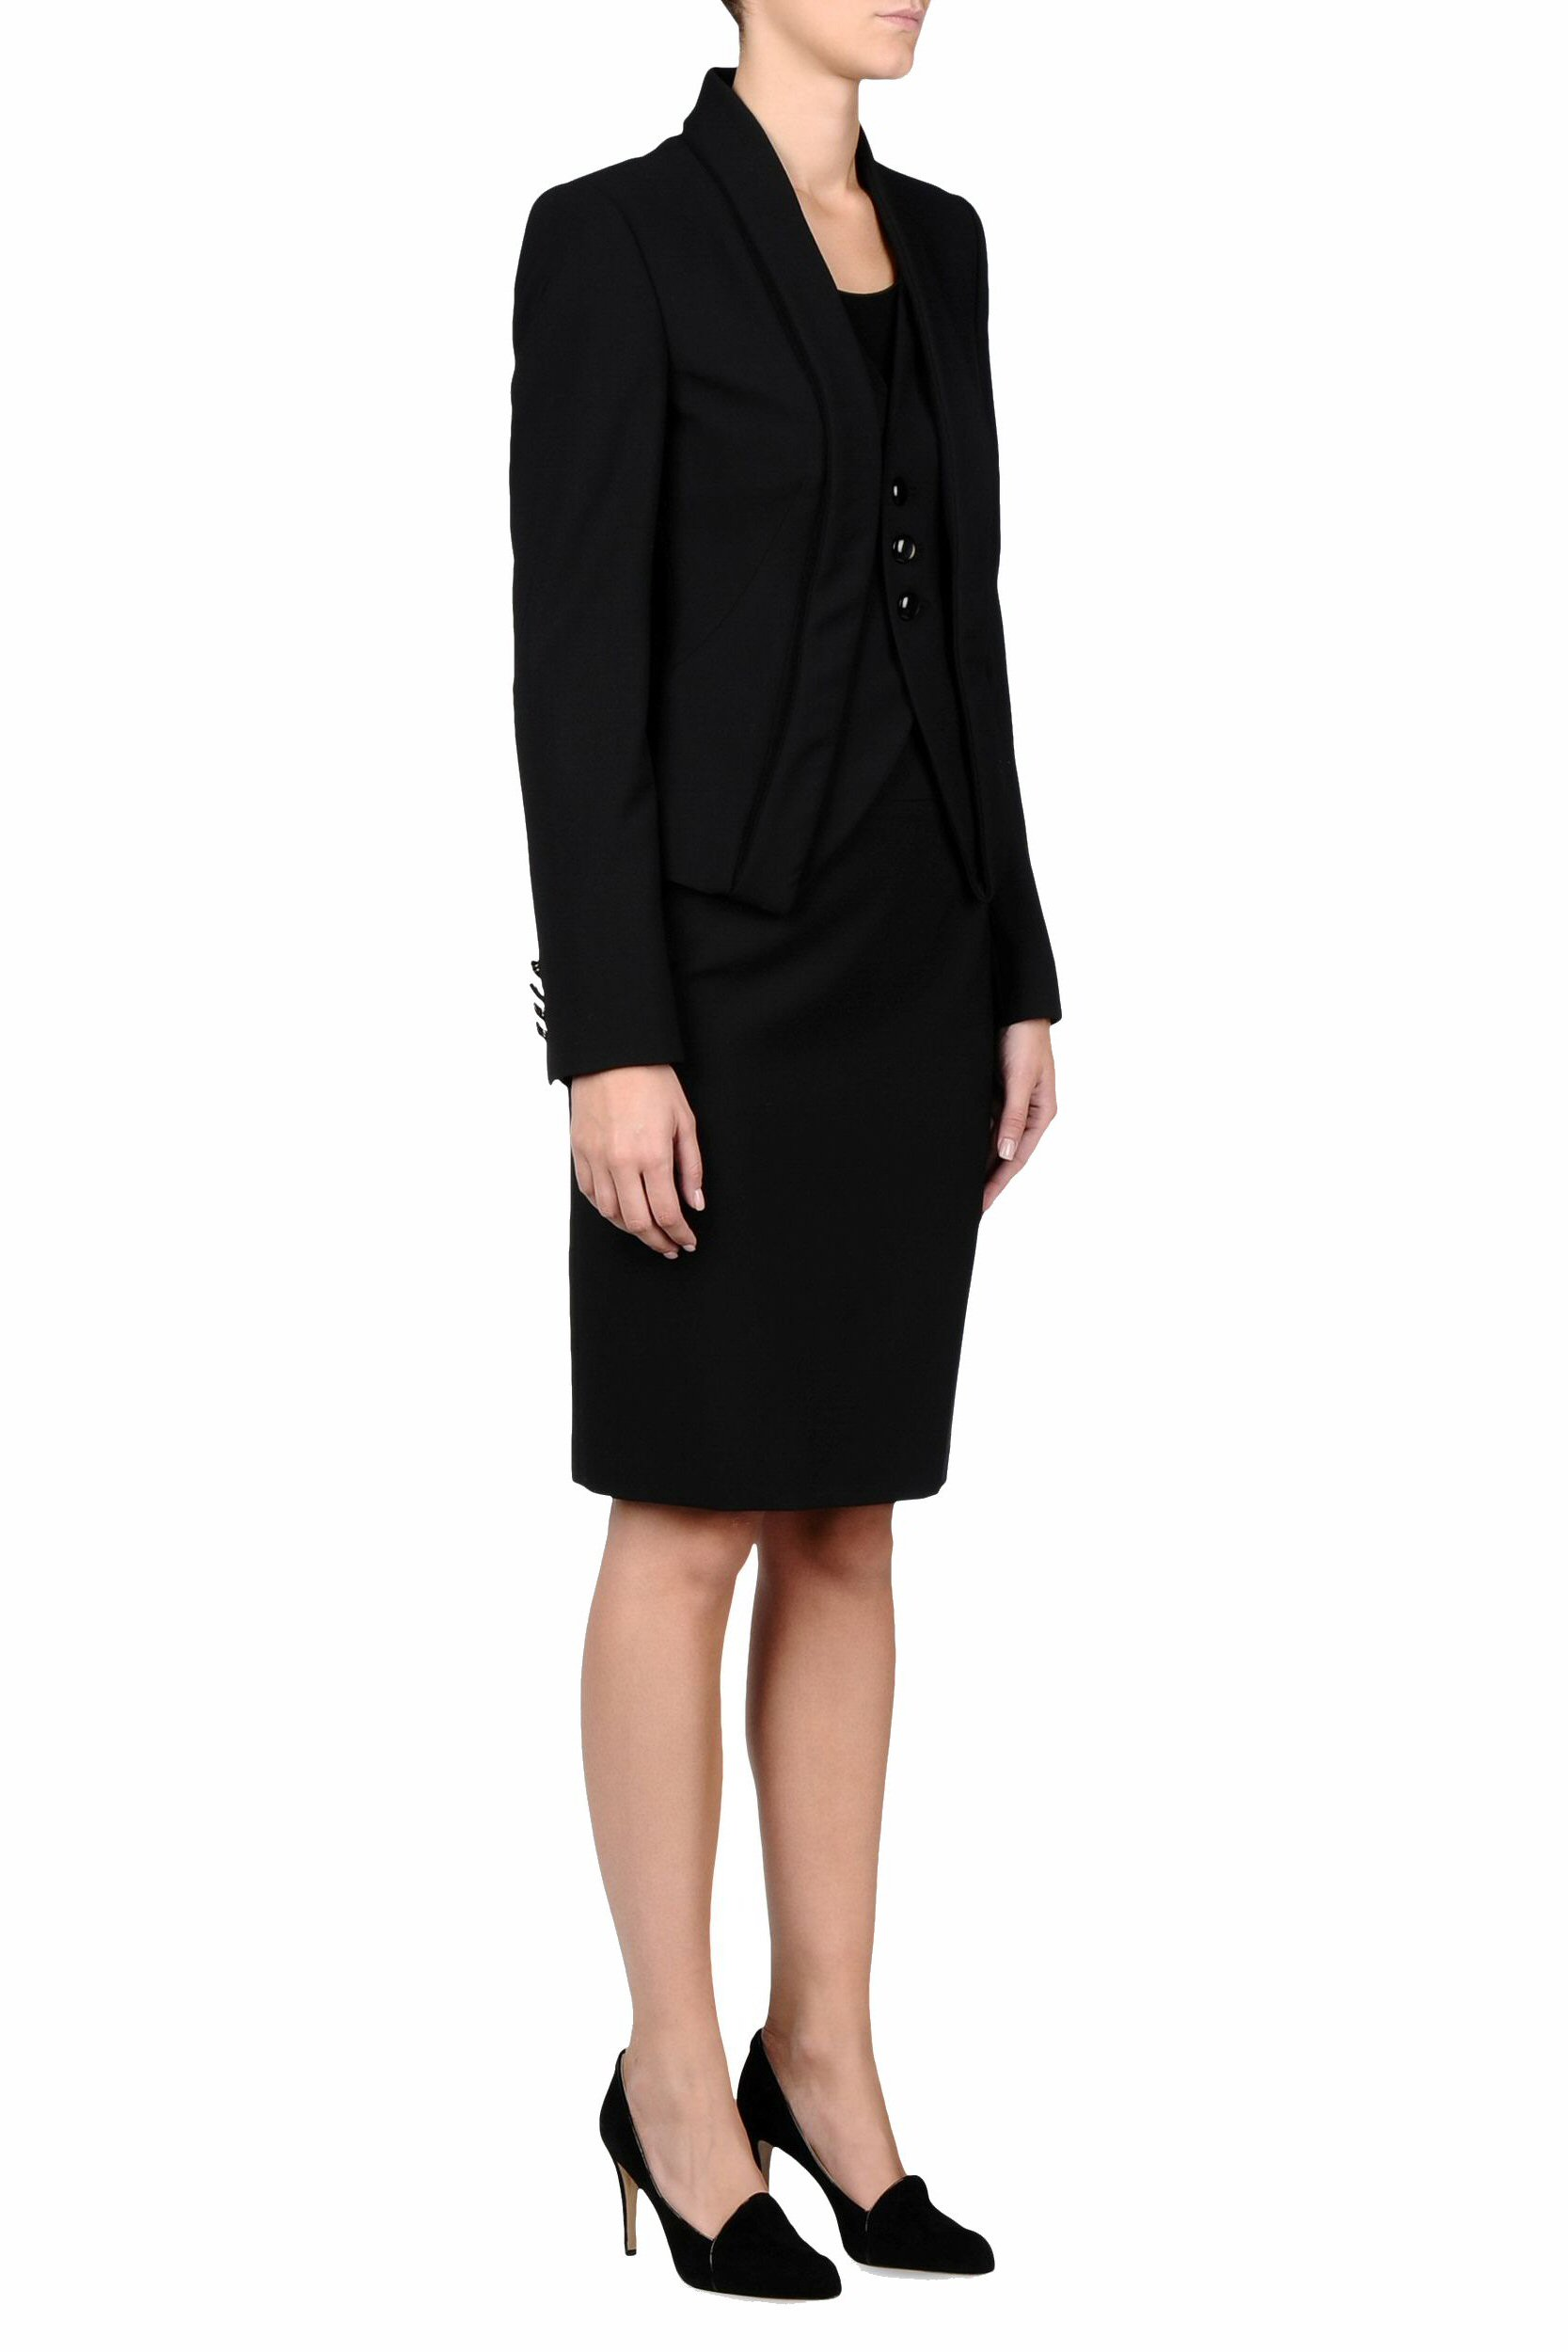 Armani Workwear 16-30